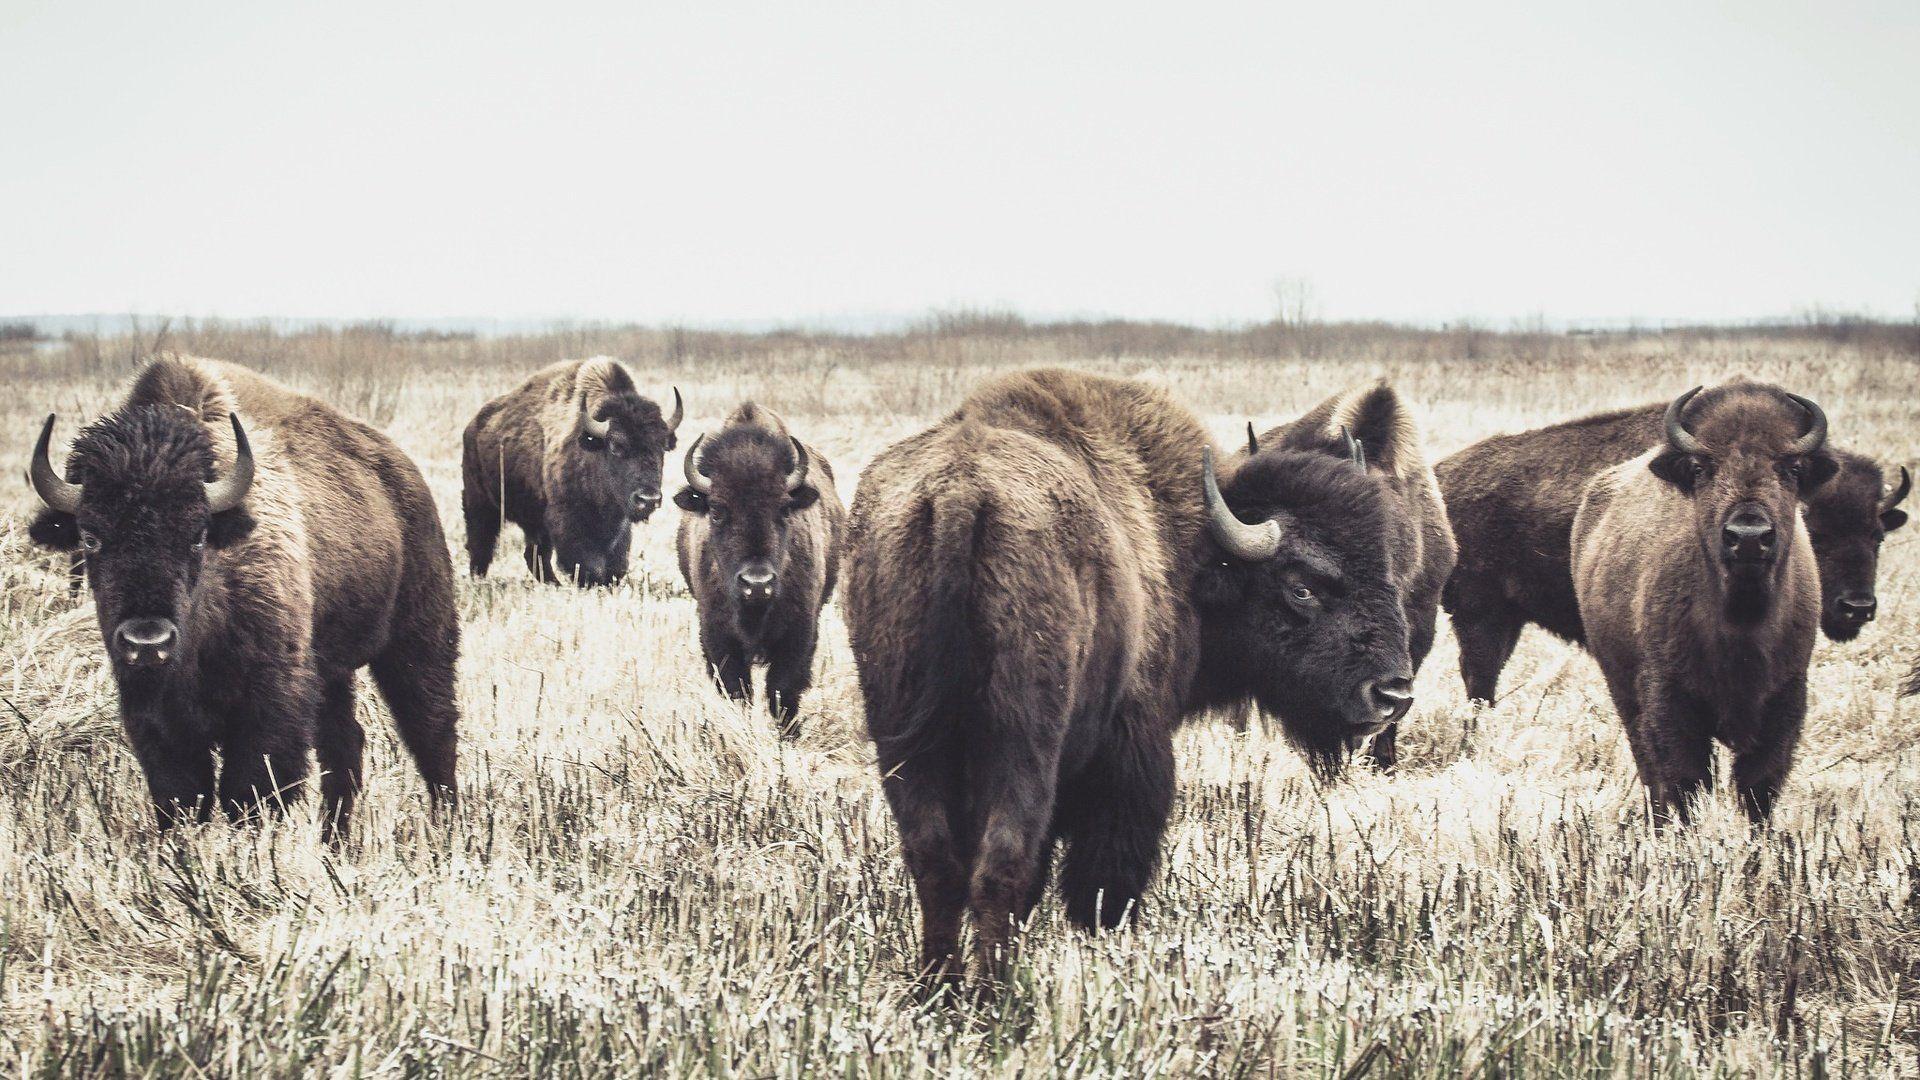 A Herd Of Buffalo Buffalo